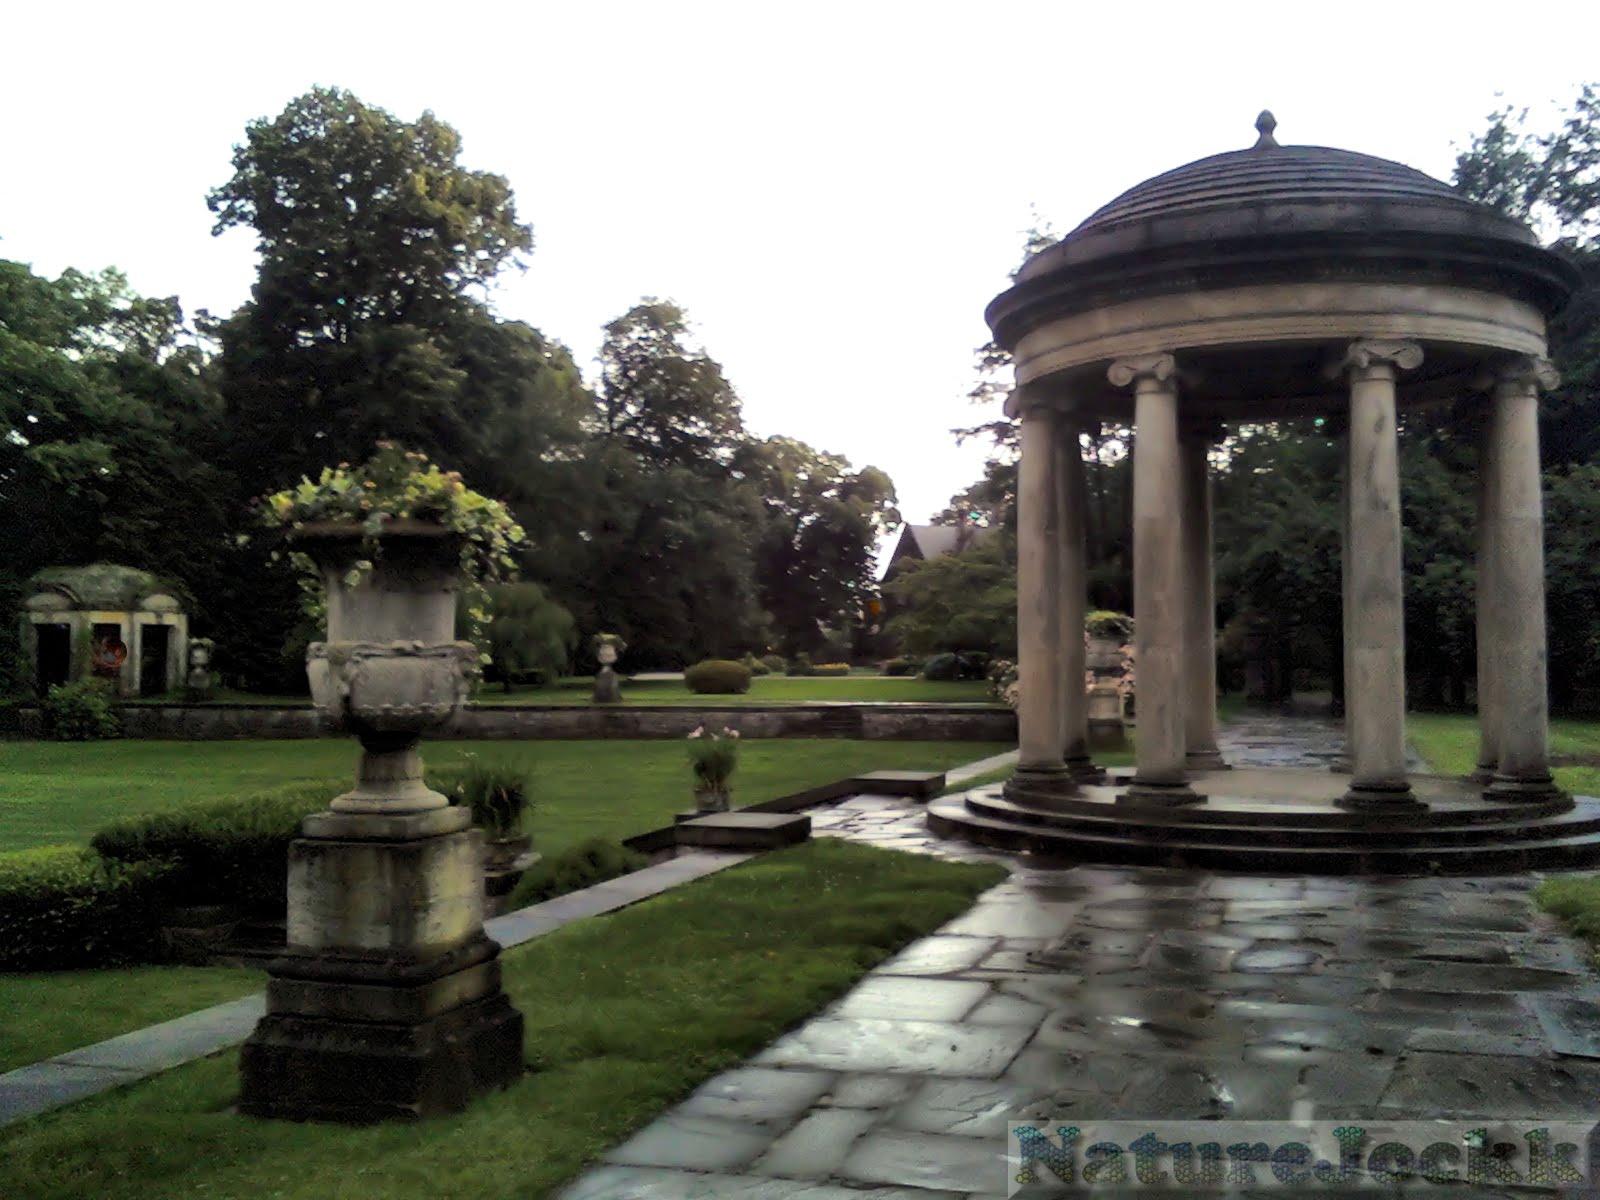 http://3.bp.blogspot.com/_6ANko4sjweM/SxPrY8YaK-I/AAAAAAAAXKI/k9pOnARMytU/s1600/Gardens_2.jpg